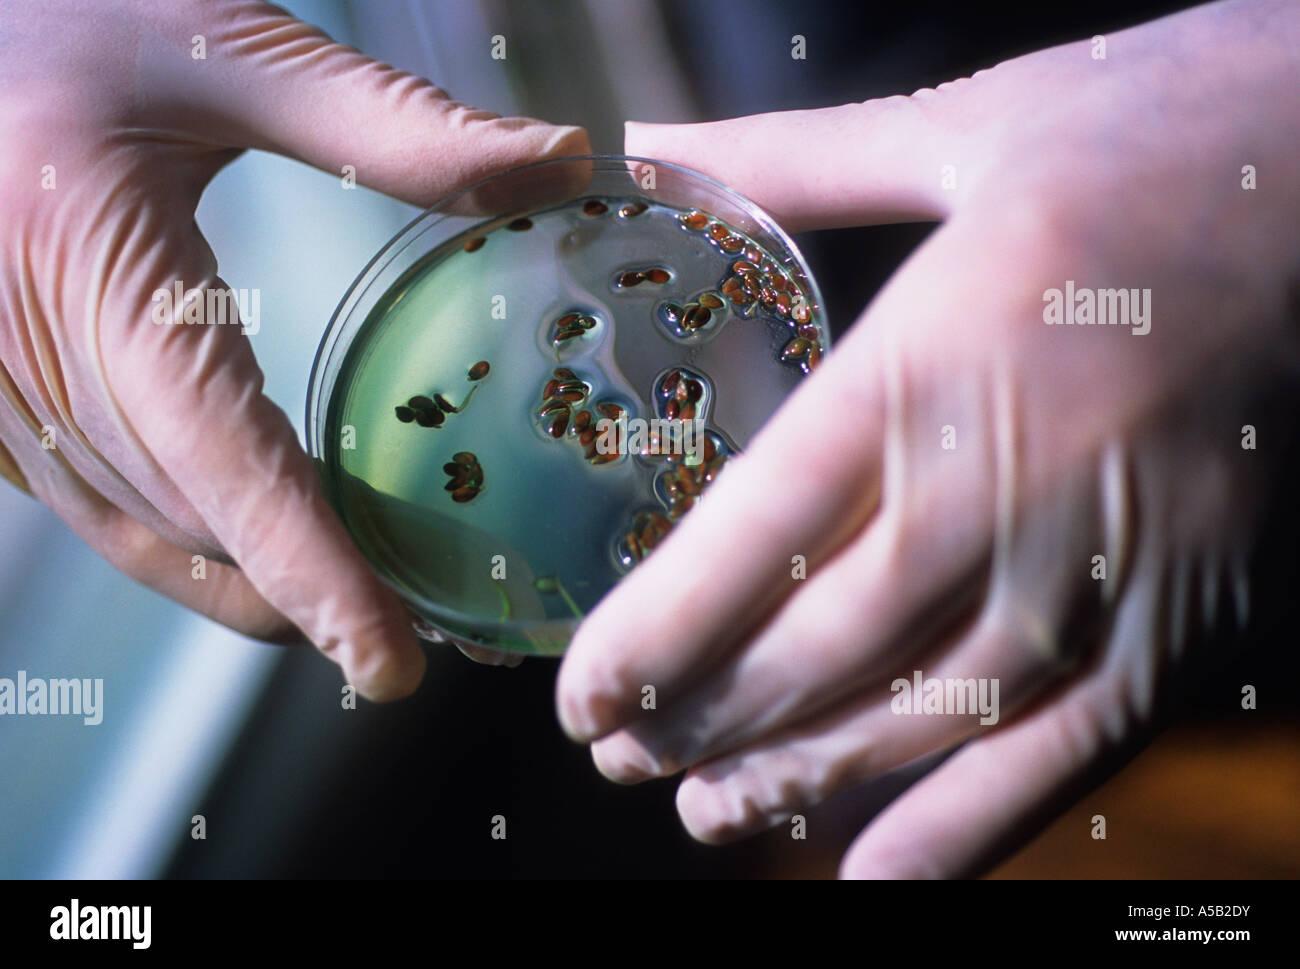 La scienza tecnico di laboratorio con gomma a due mani con guanti in possesso di una capsula Petri Immagini Stock